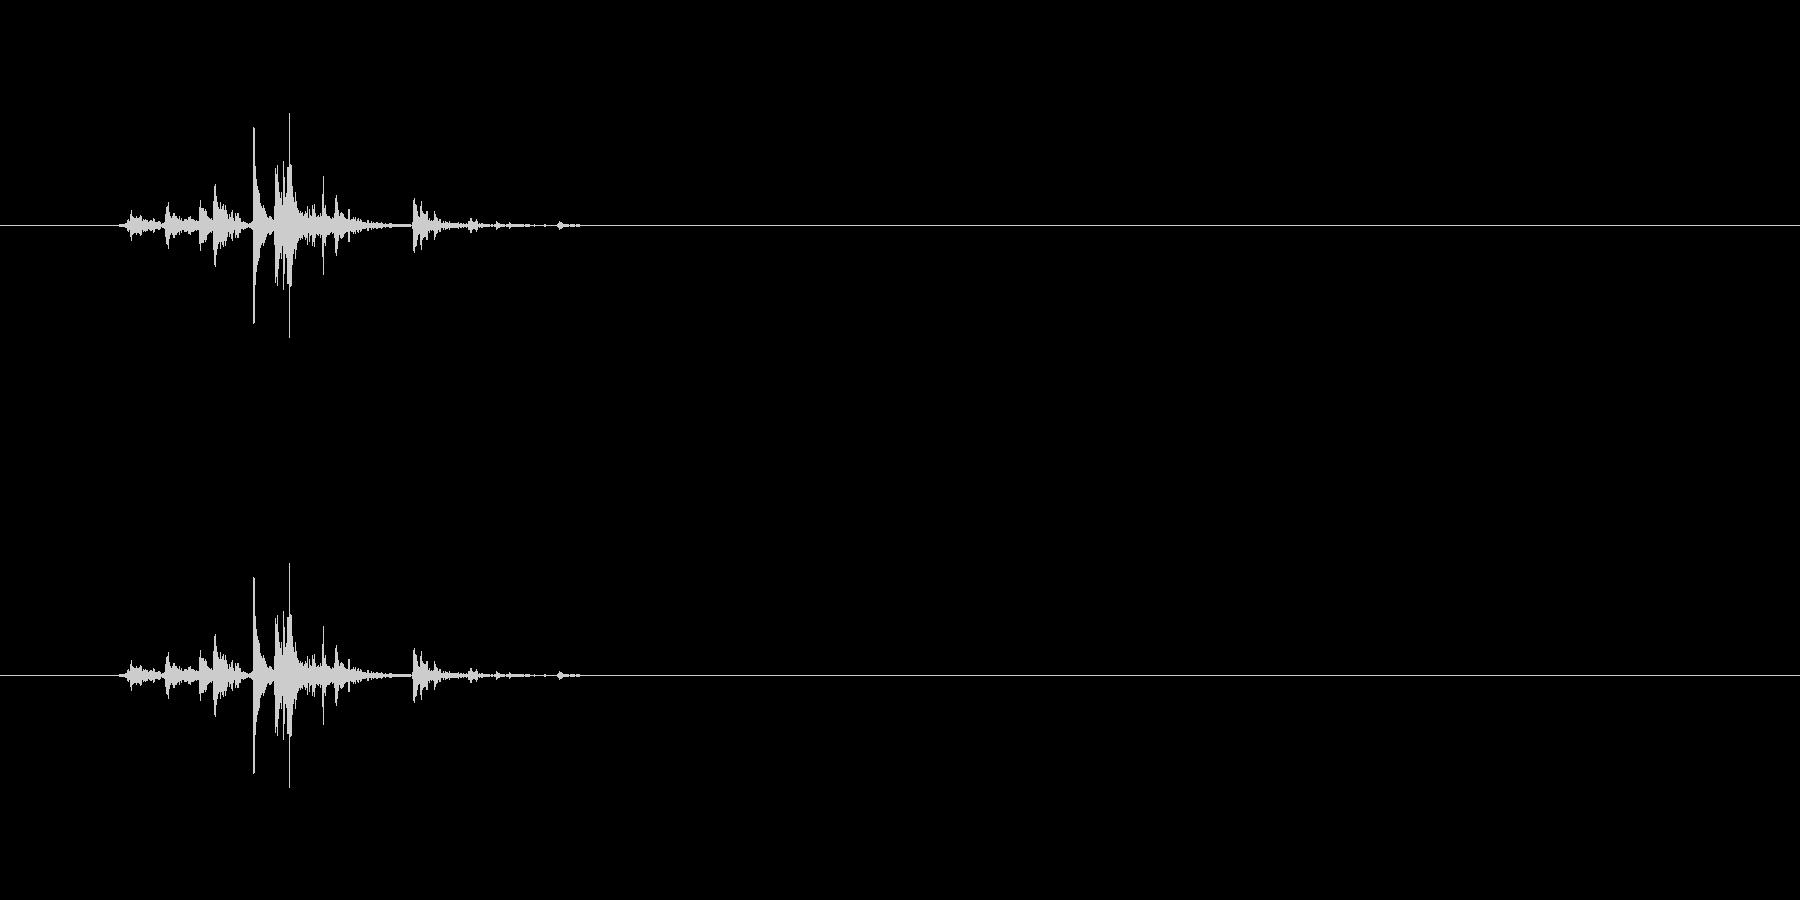 【筆箱03-1(開ける)】の未再生の波形